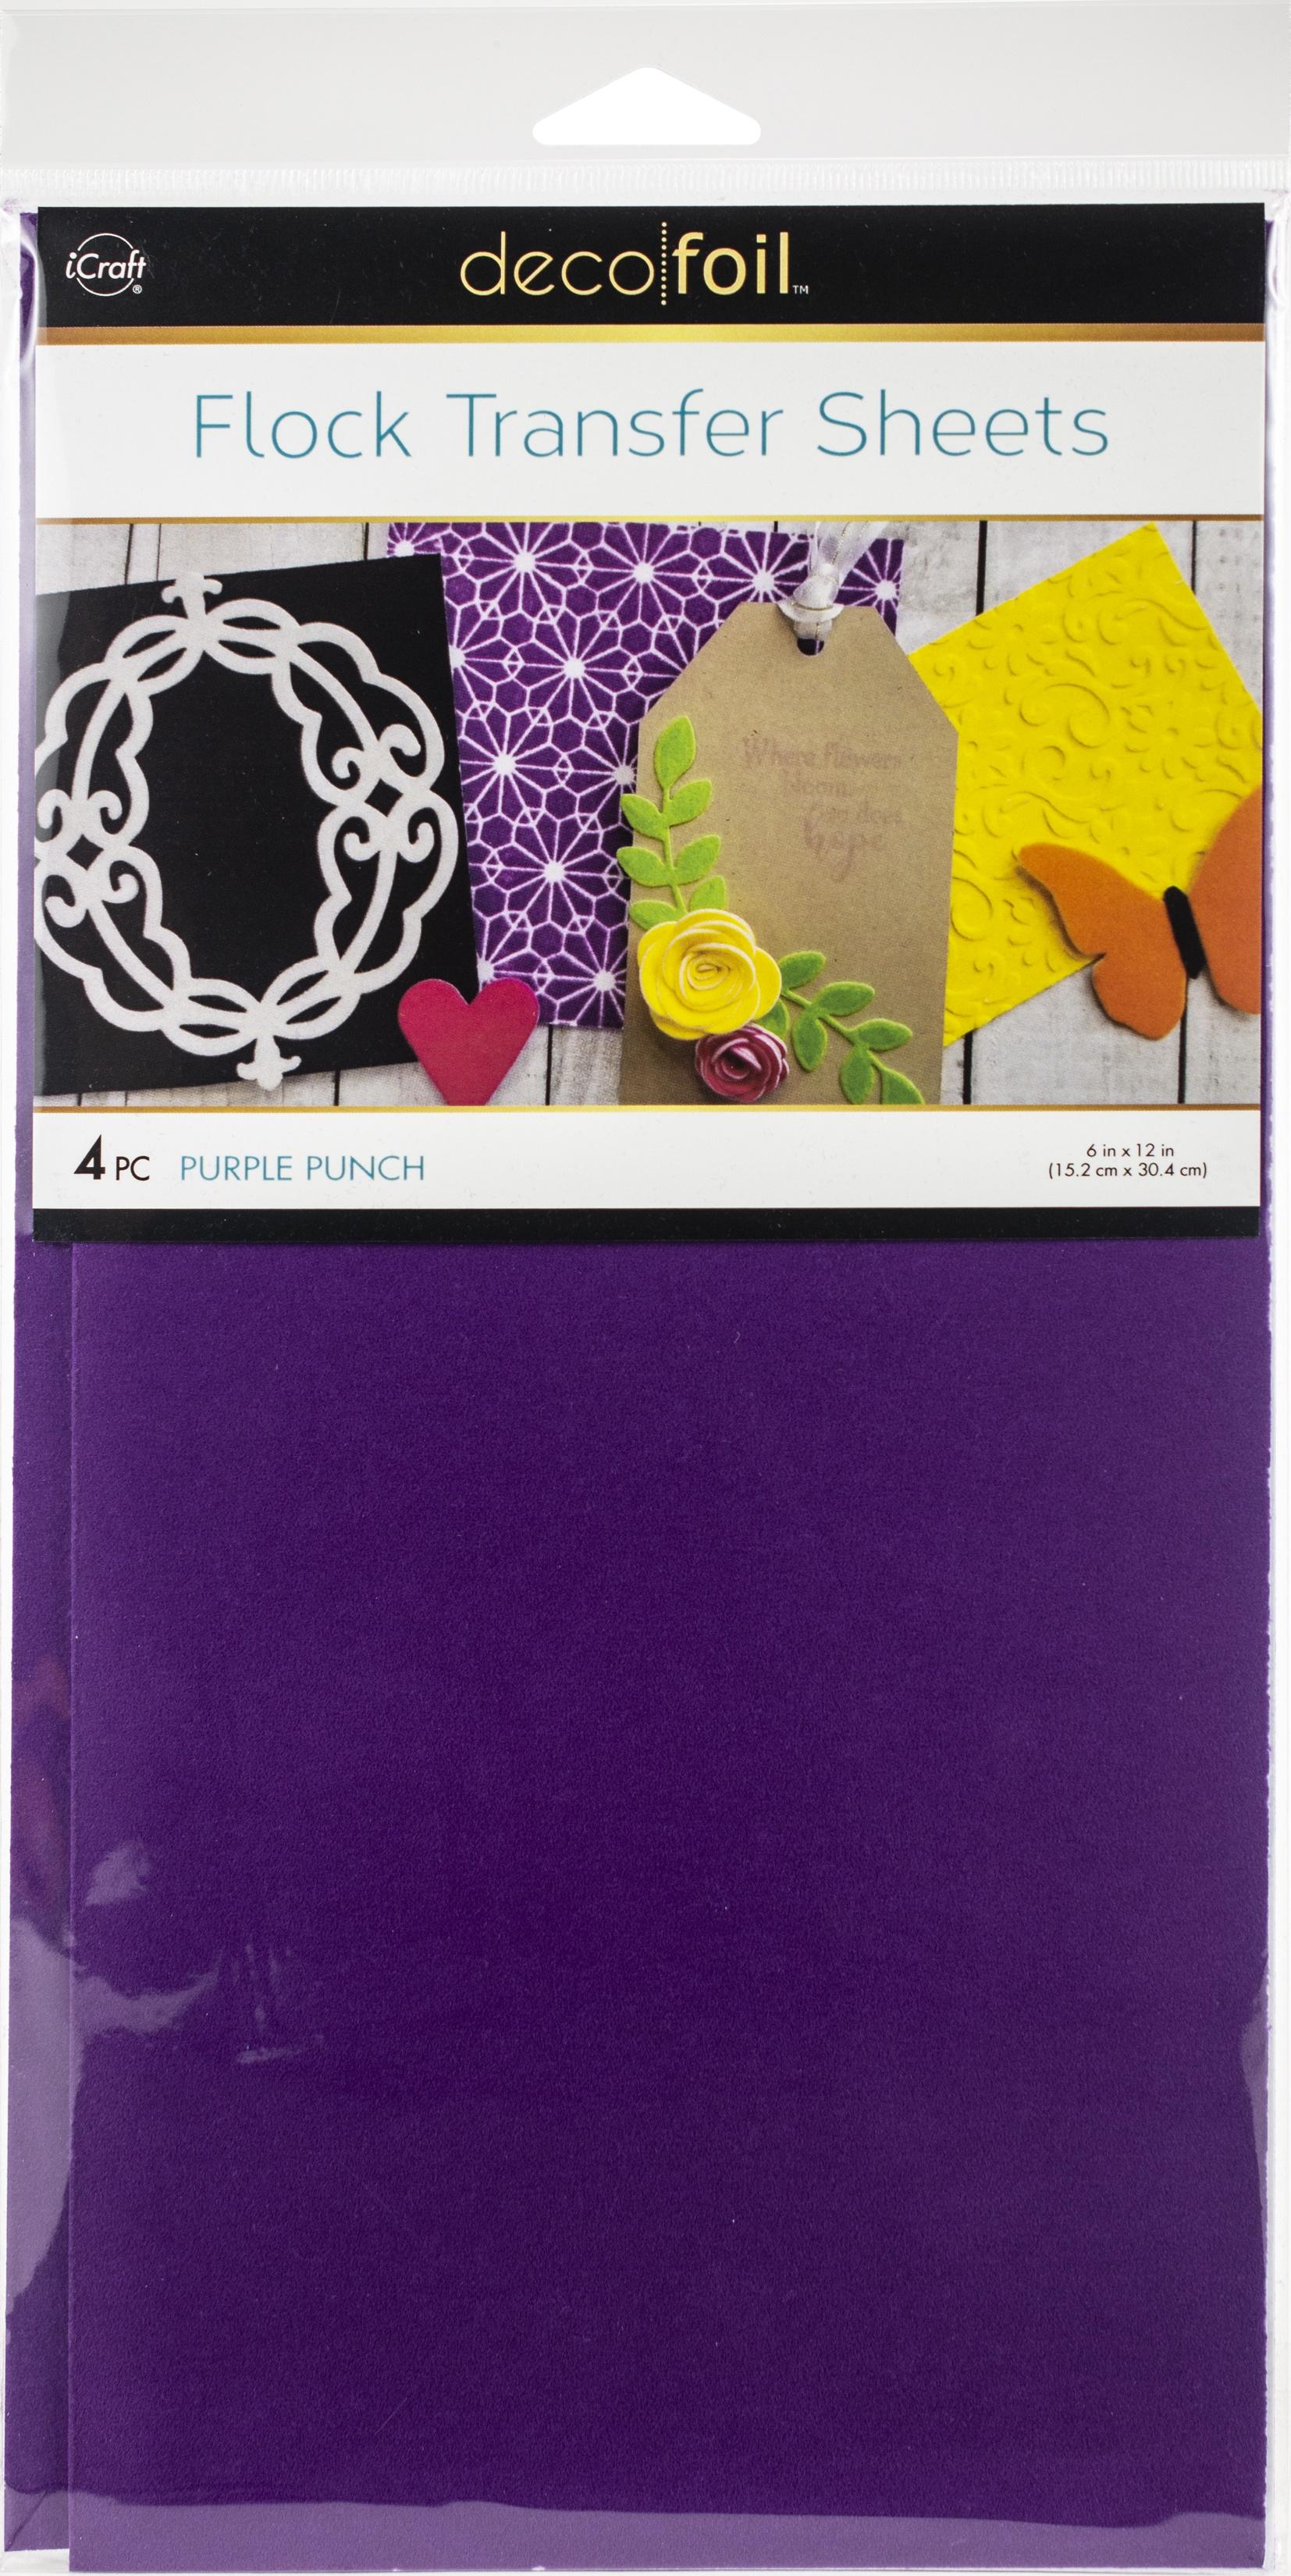 Deco Foil Flock Transfer Sheets 6X12 4/Pkg-Purple Punch